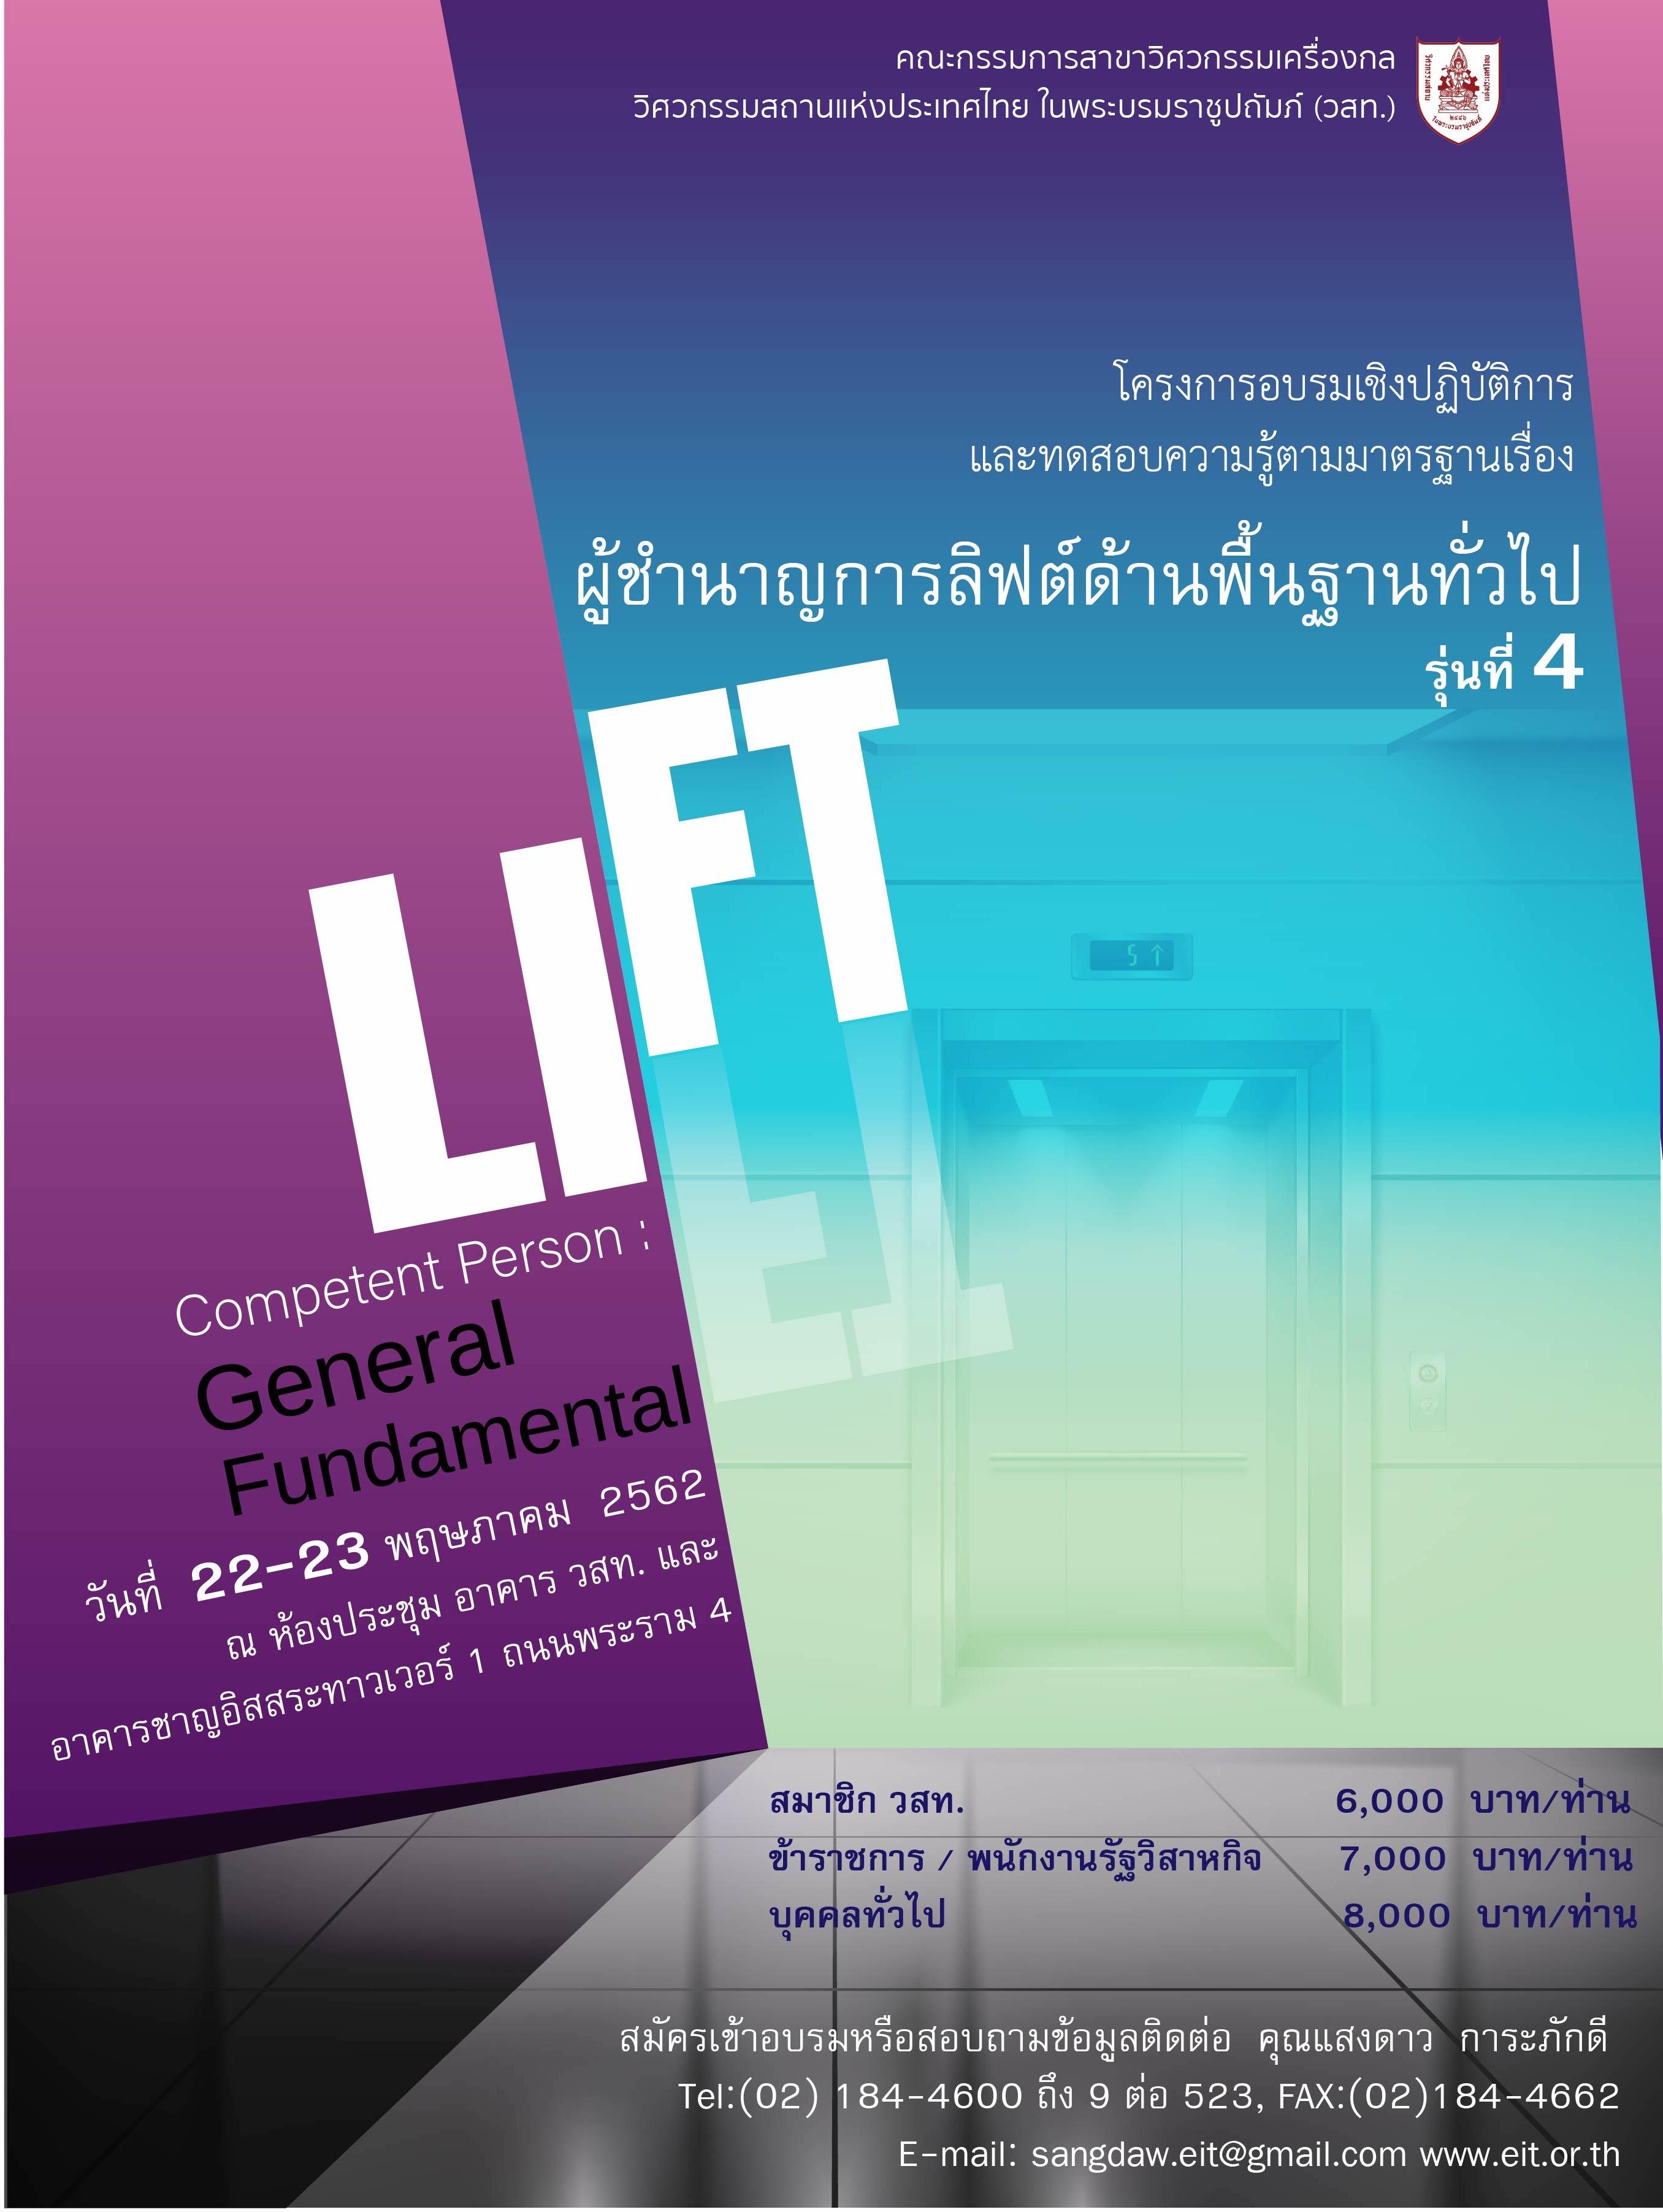 """โครงการอบรมเชิงปฏิบัติการและทดสอบความรู้ตามมาตรฐานเรื่อง"""" ผู้ชำนาญการลิฟต์ด้านพื้นฐานทั่วไป (Lift Competent Person : General Fundamental)""""รุ่นที่ 4(ยกเลิก)"""